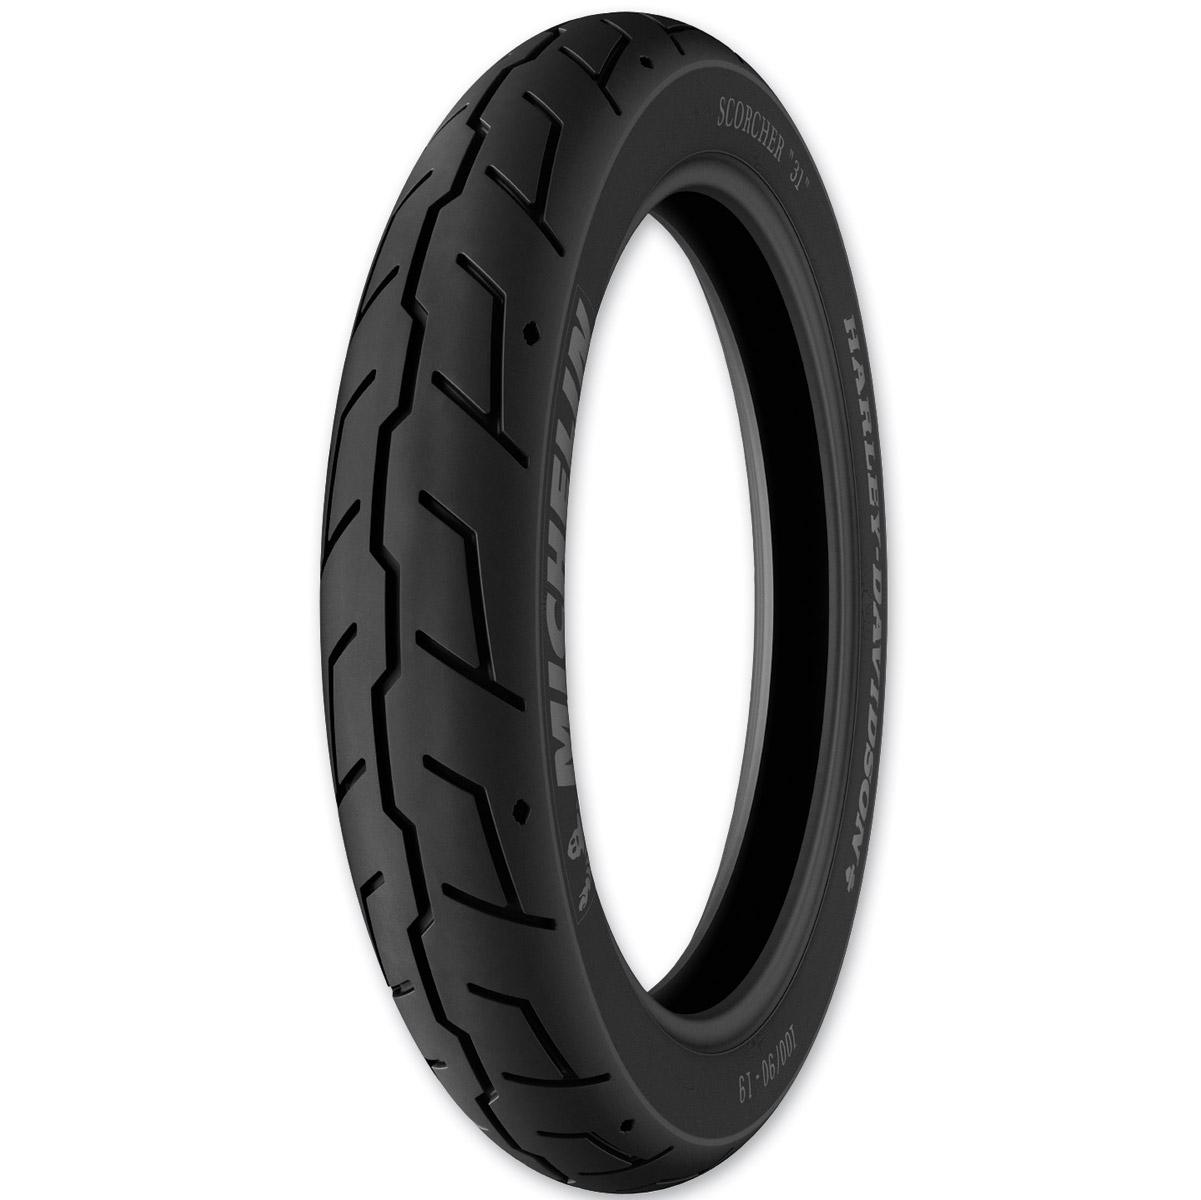 Michelin Scorcher 31 130/80B17 Front Tire